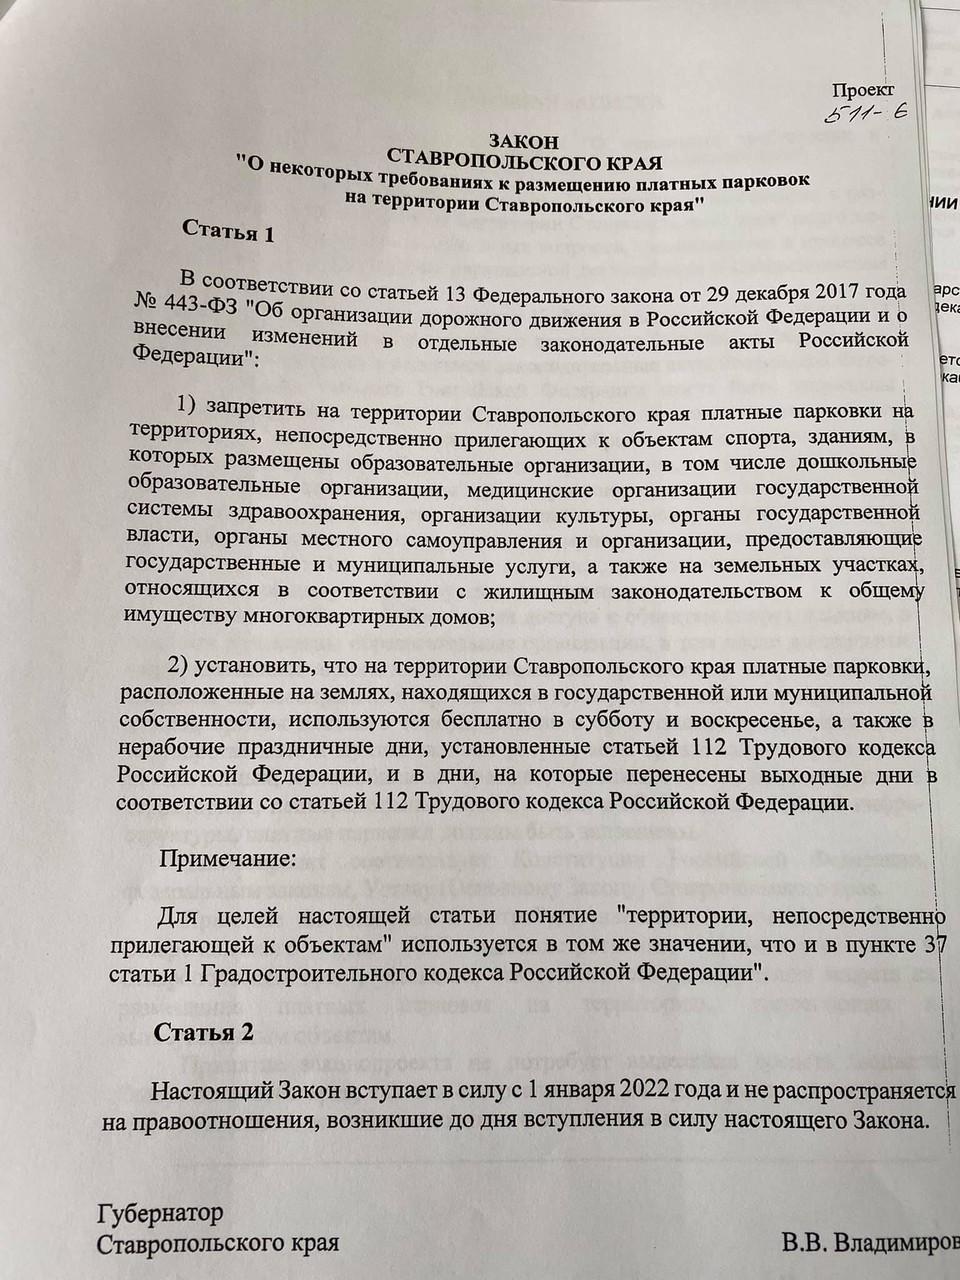 Правовой акт называется «О некоторых требованиях к размещению платных парковок на территории Ставропольского края»